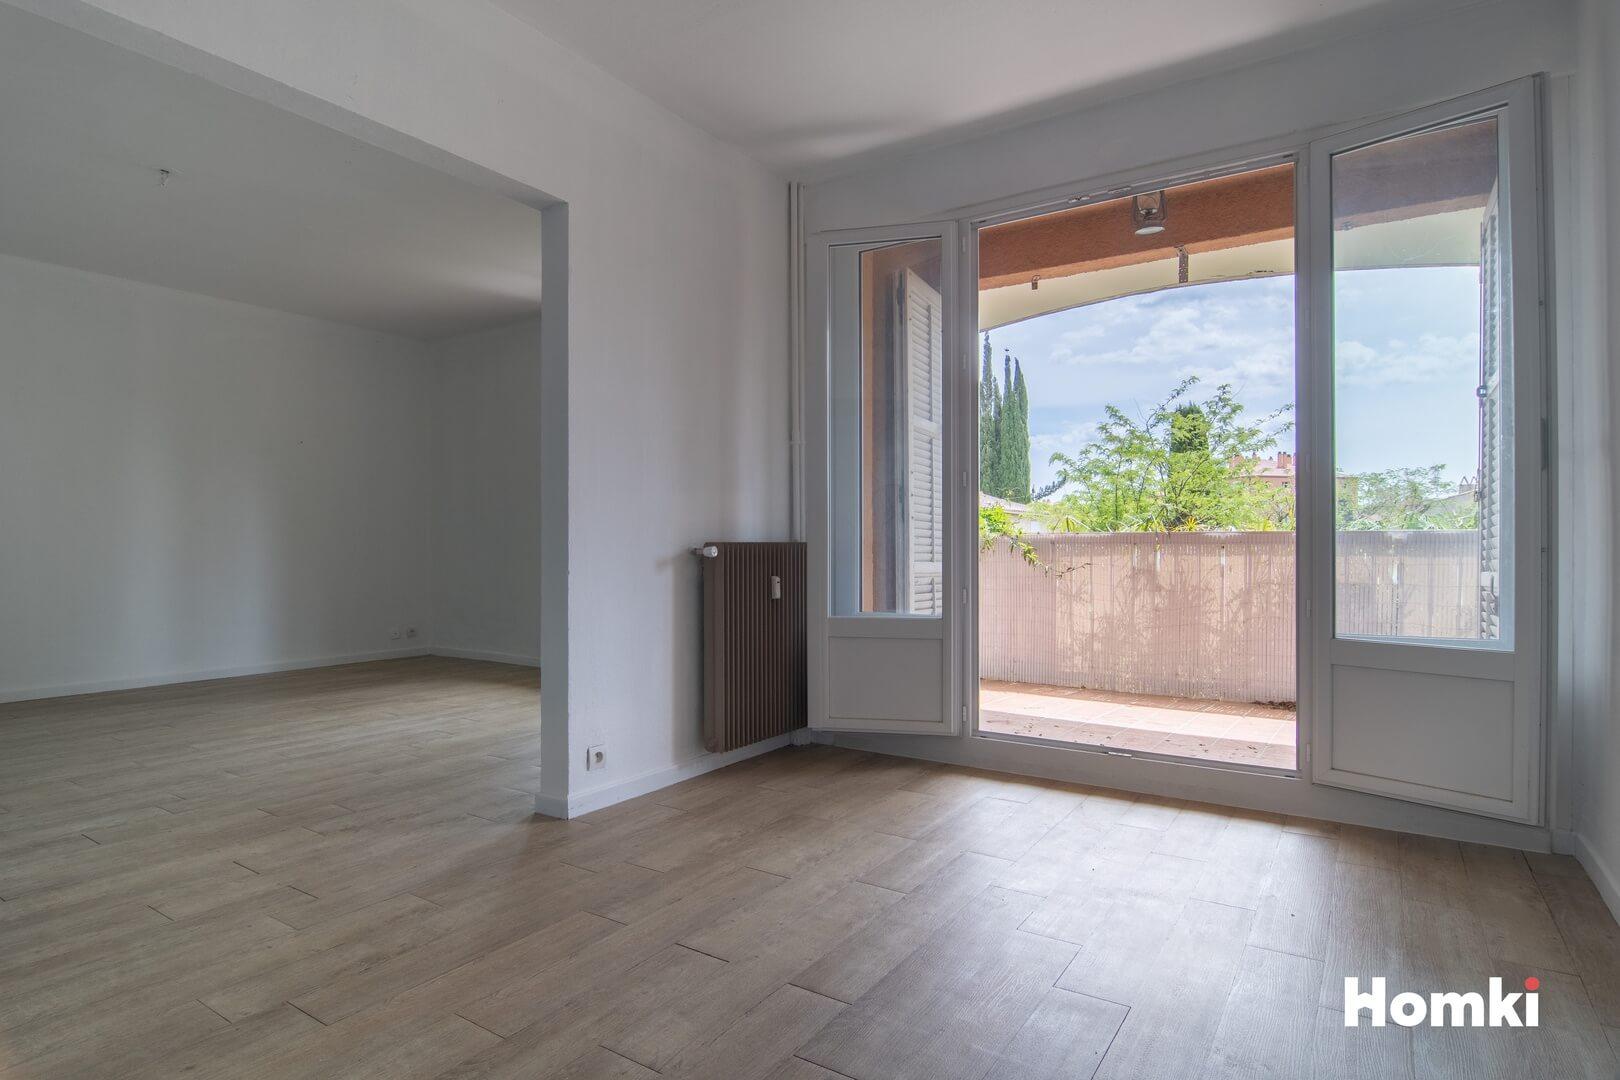 Homki - Vente Appartement  de 92.0 m² à Cogolin 83310